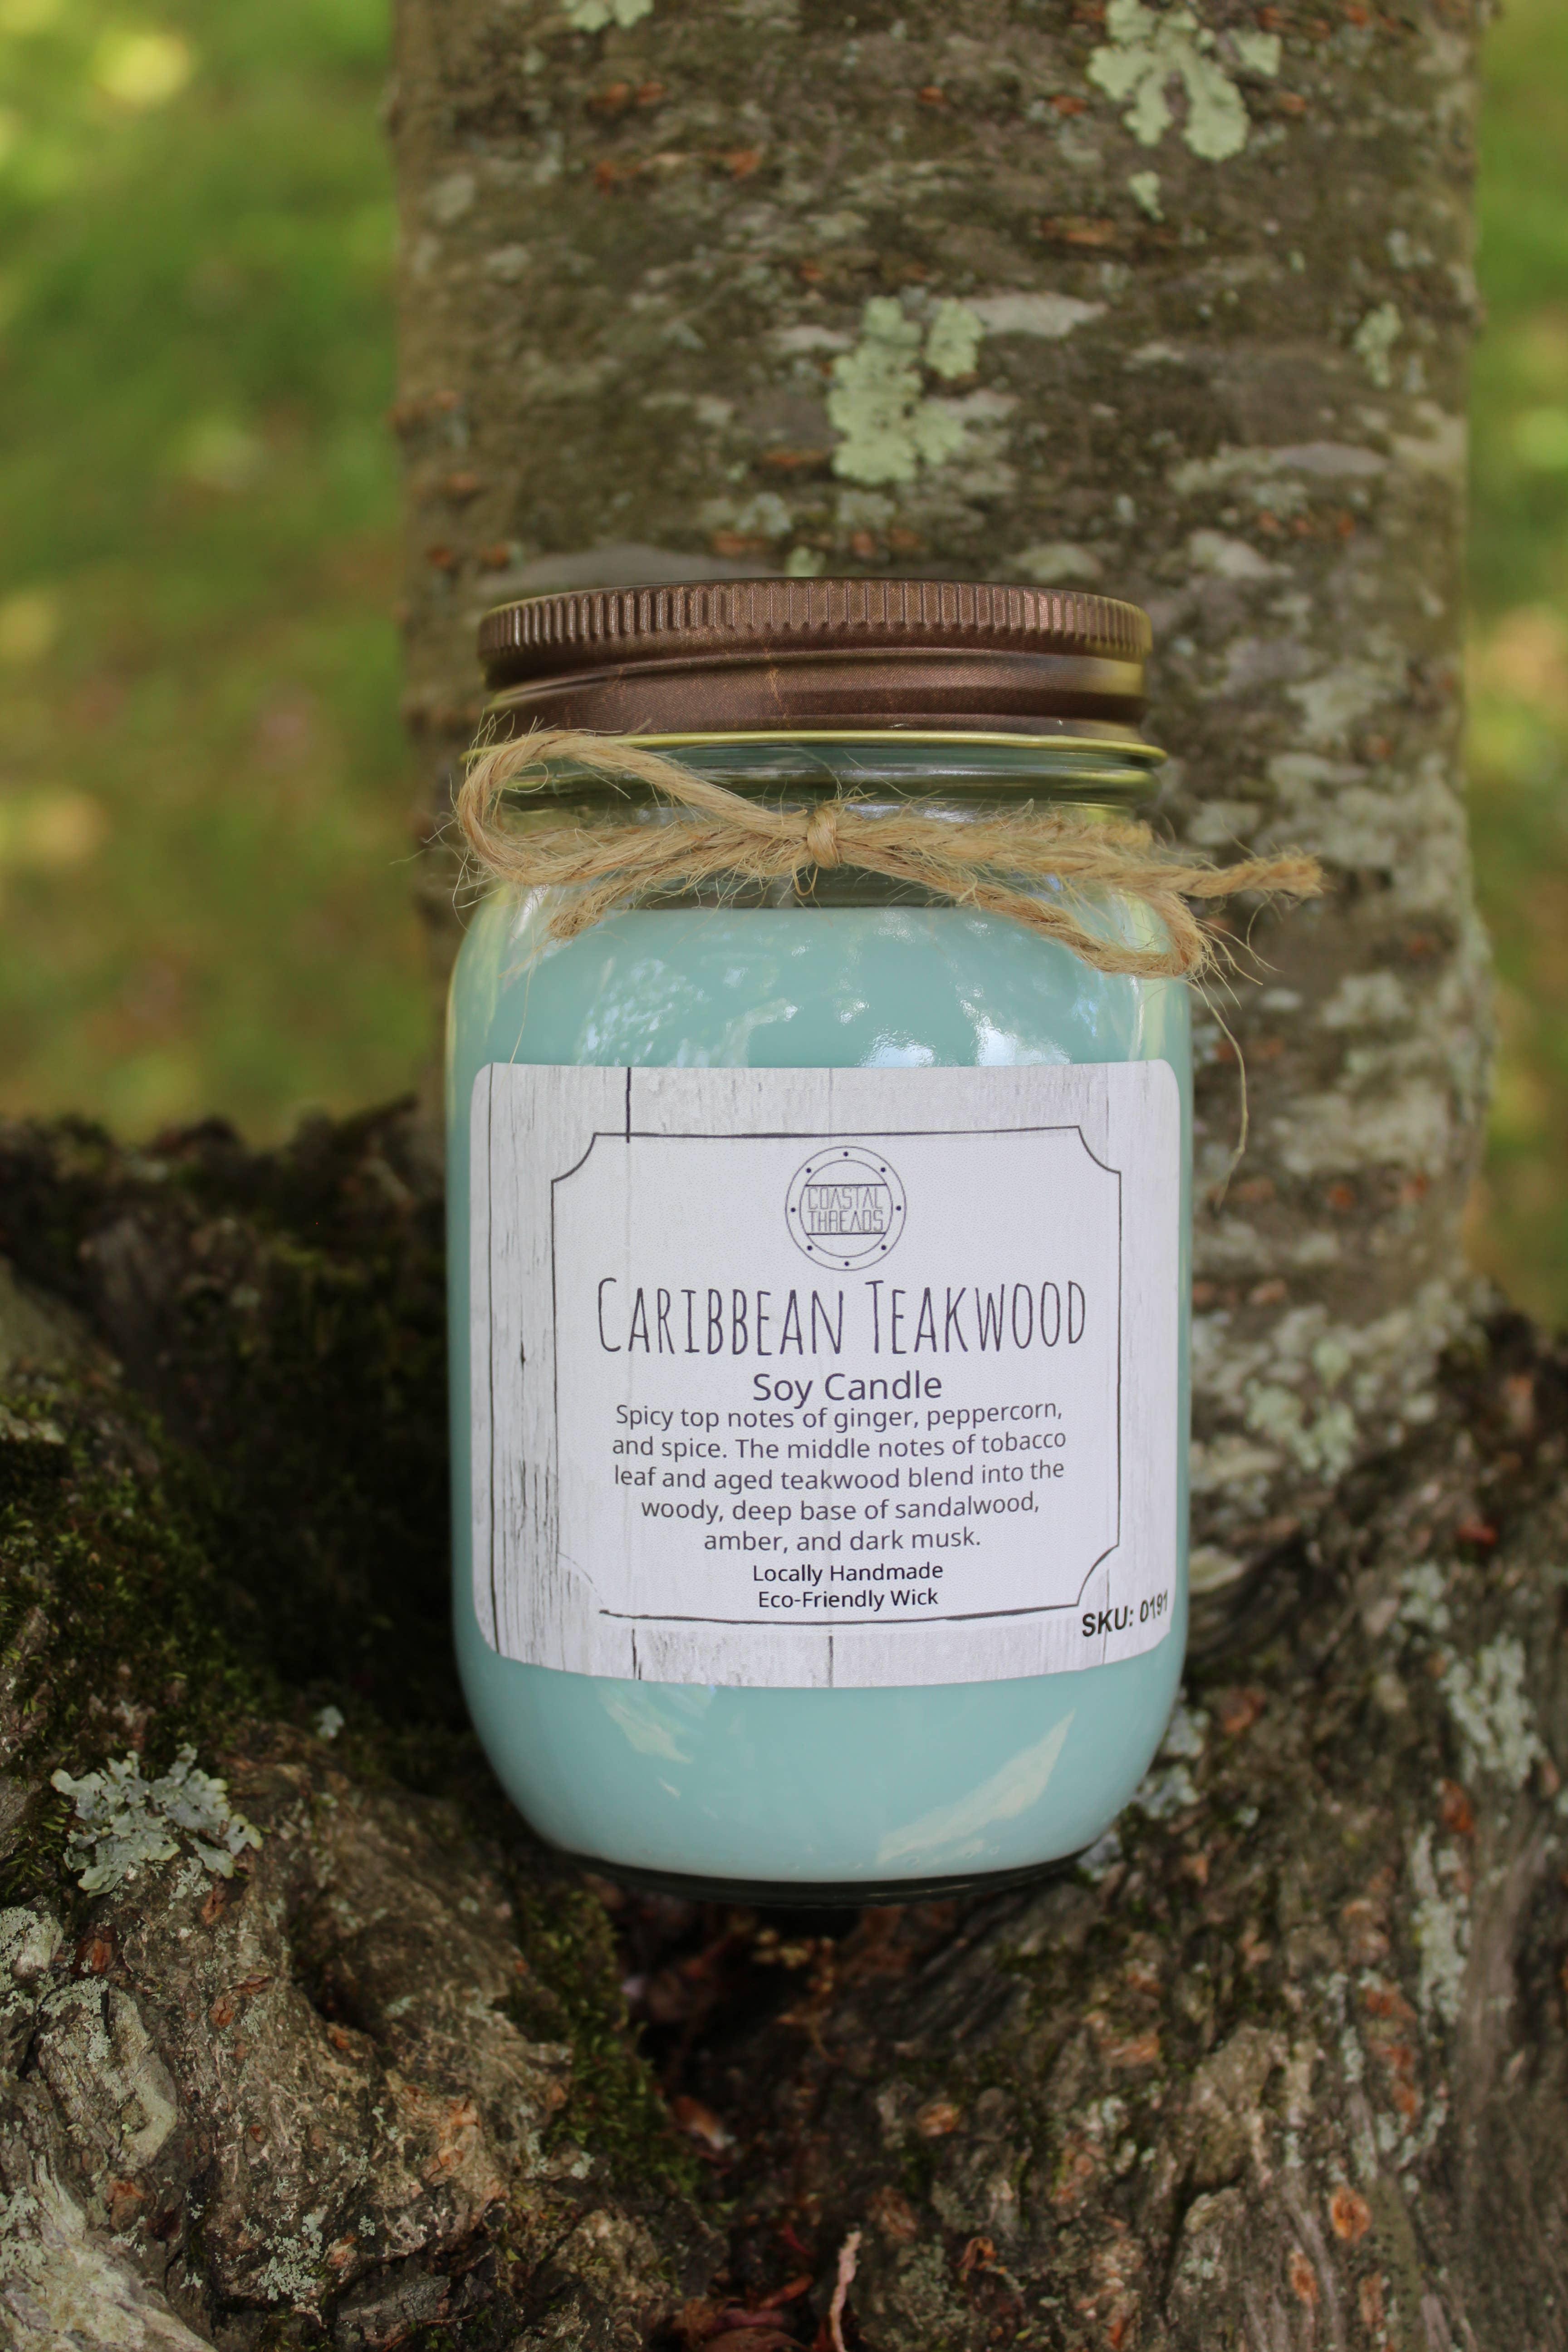 Caribbean Teakwood Soy Candle | Trada Marketplace